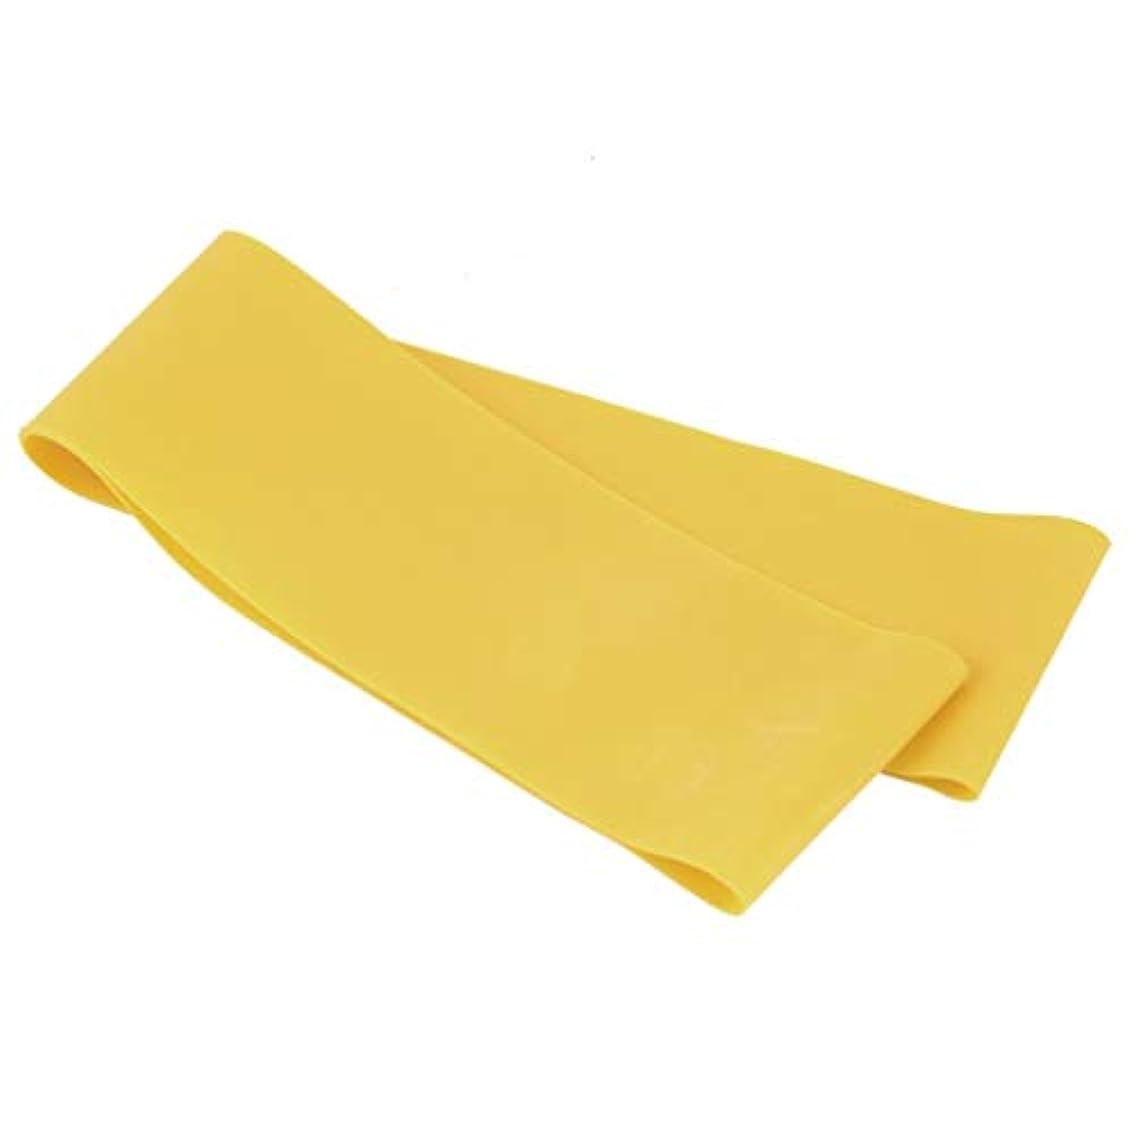 改革光沢のある終わらせる滑り止めの伸縮性のあるゴム製伸縮性があるヨガのベルトバンド引きロープの張力抵抗バンドループ強さのためのフィットネスヨガツール - 黄色